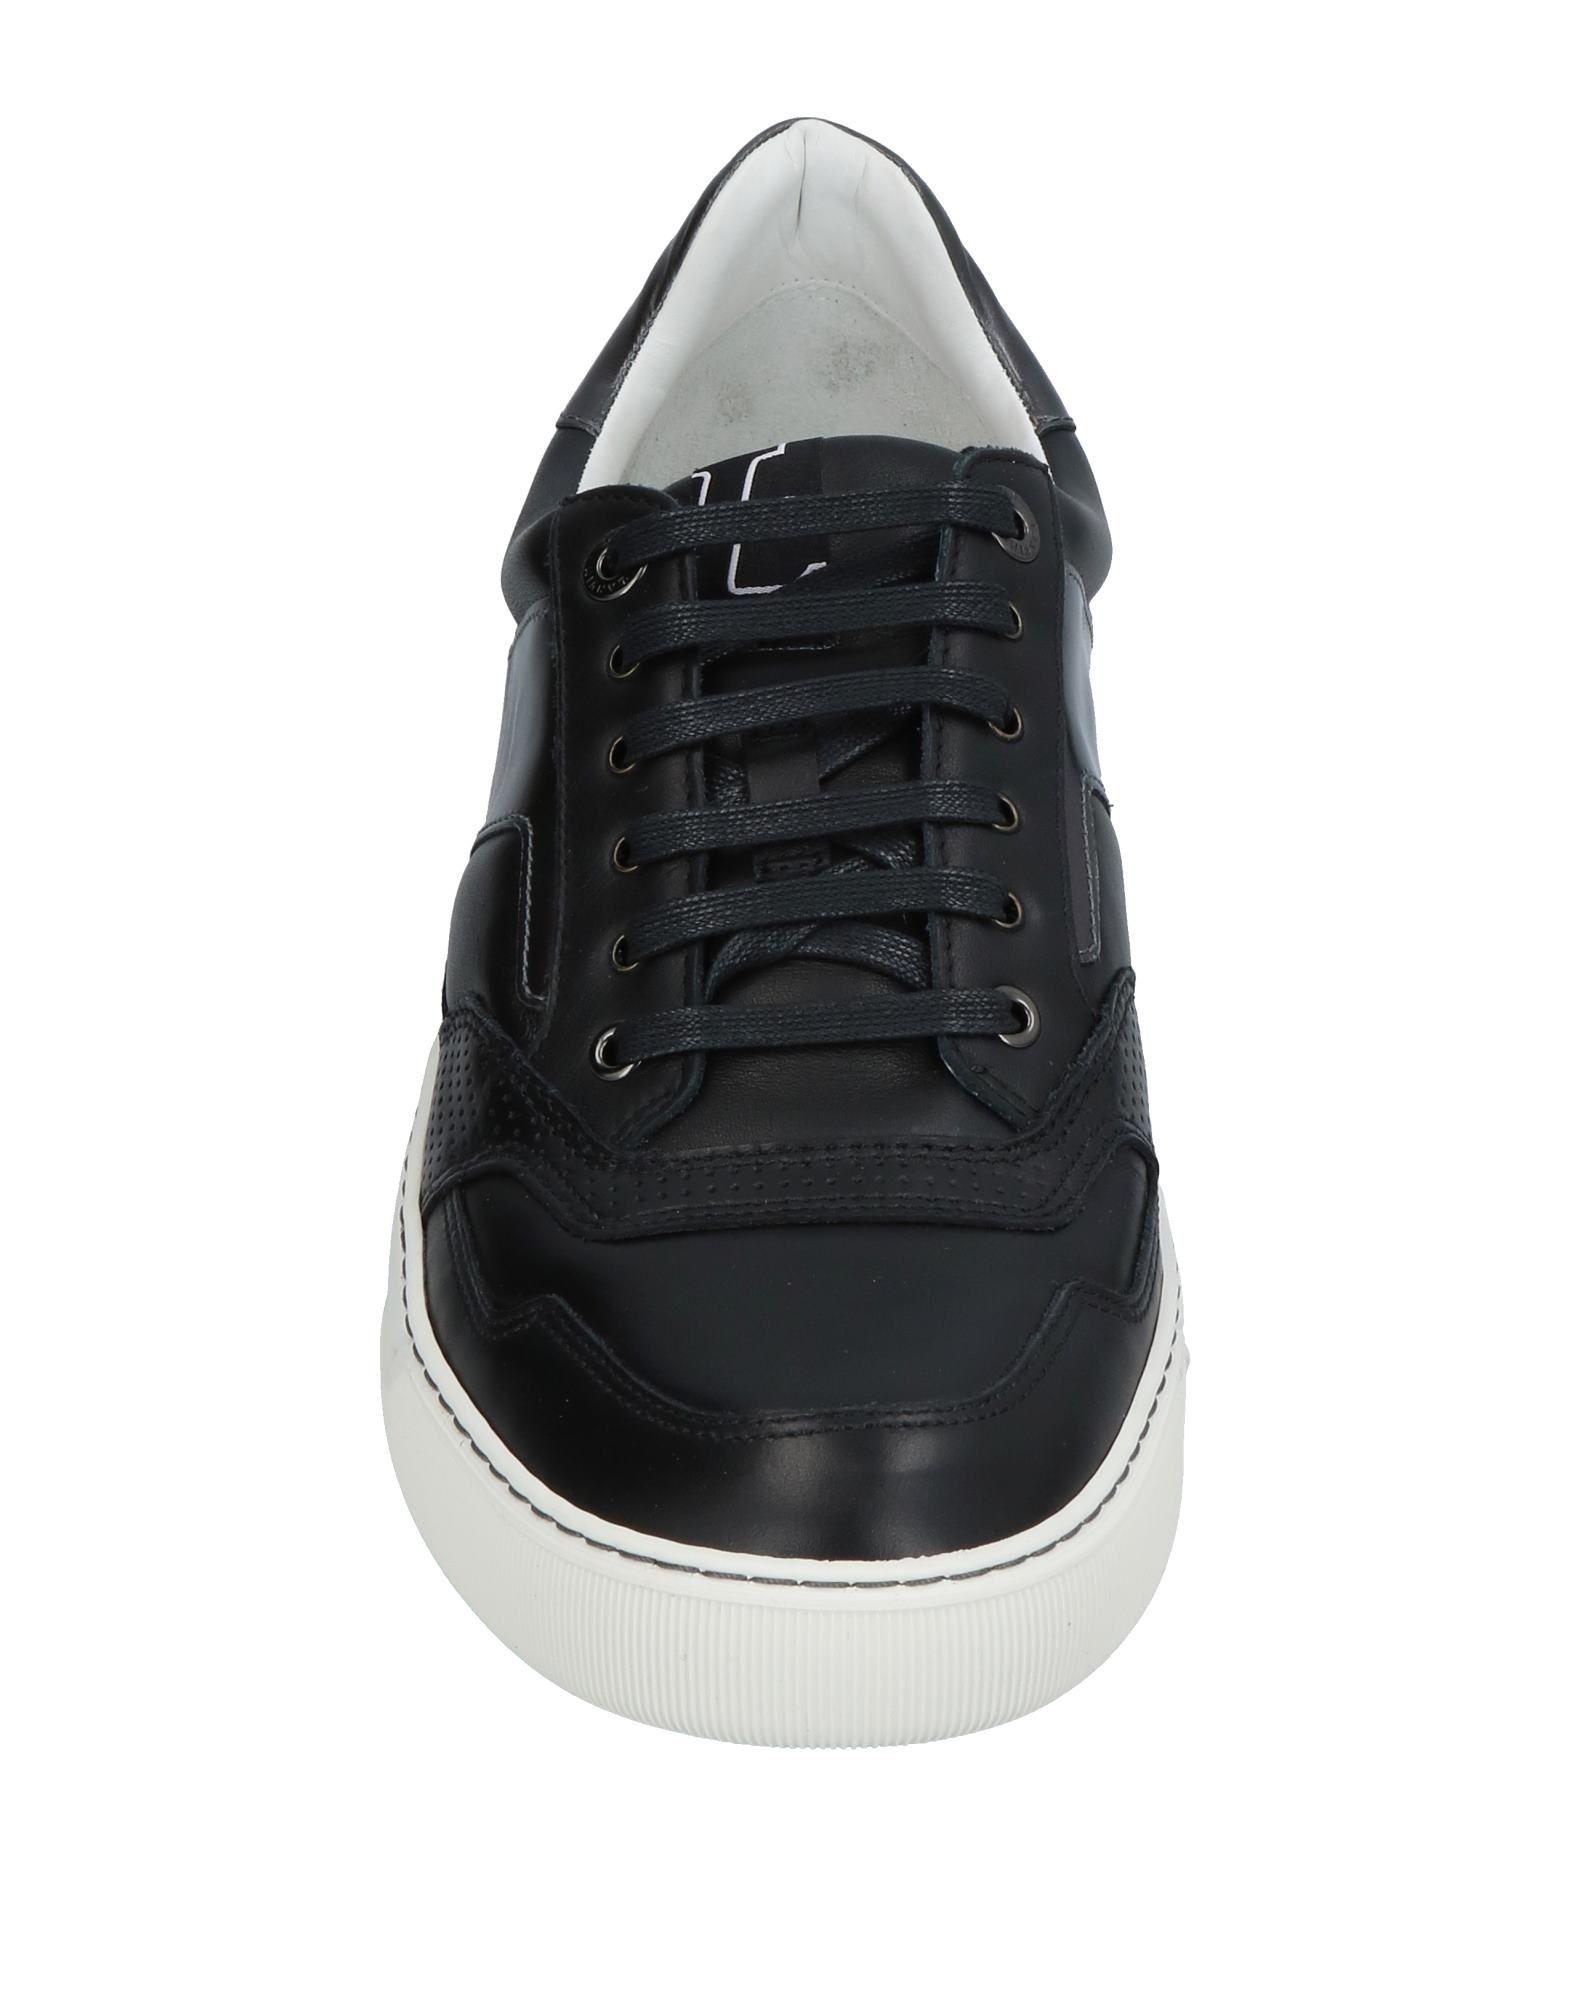 Lanvin Sneakers Sneakers Lanvin Herren  11372468AM 1b705e